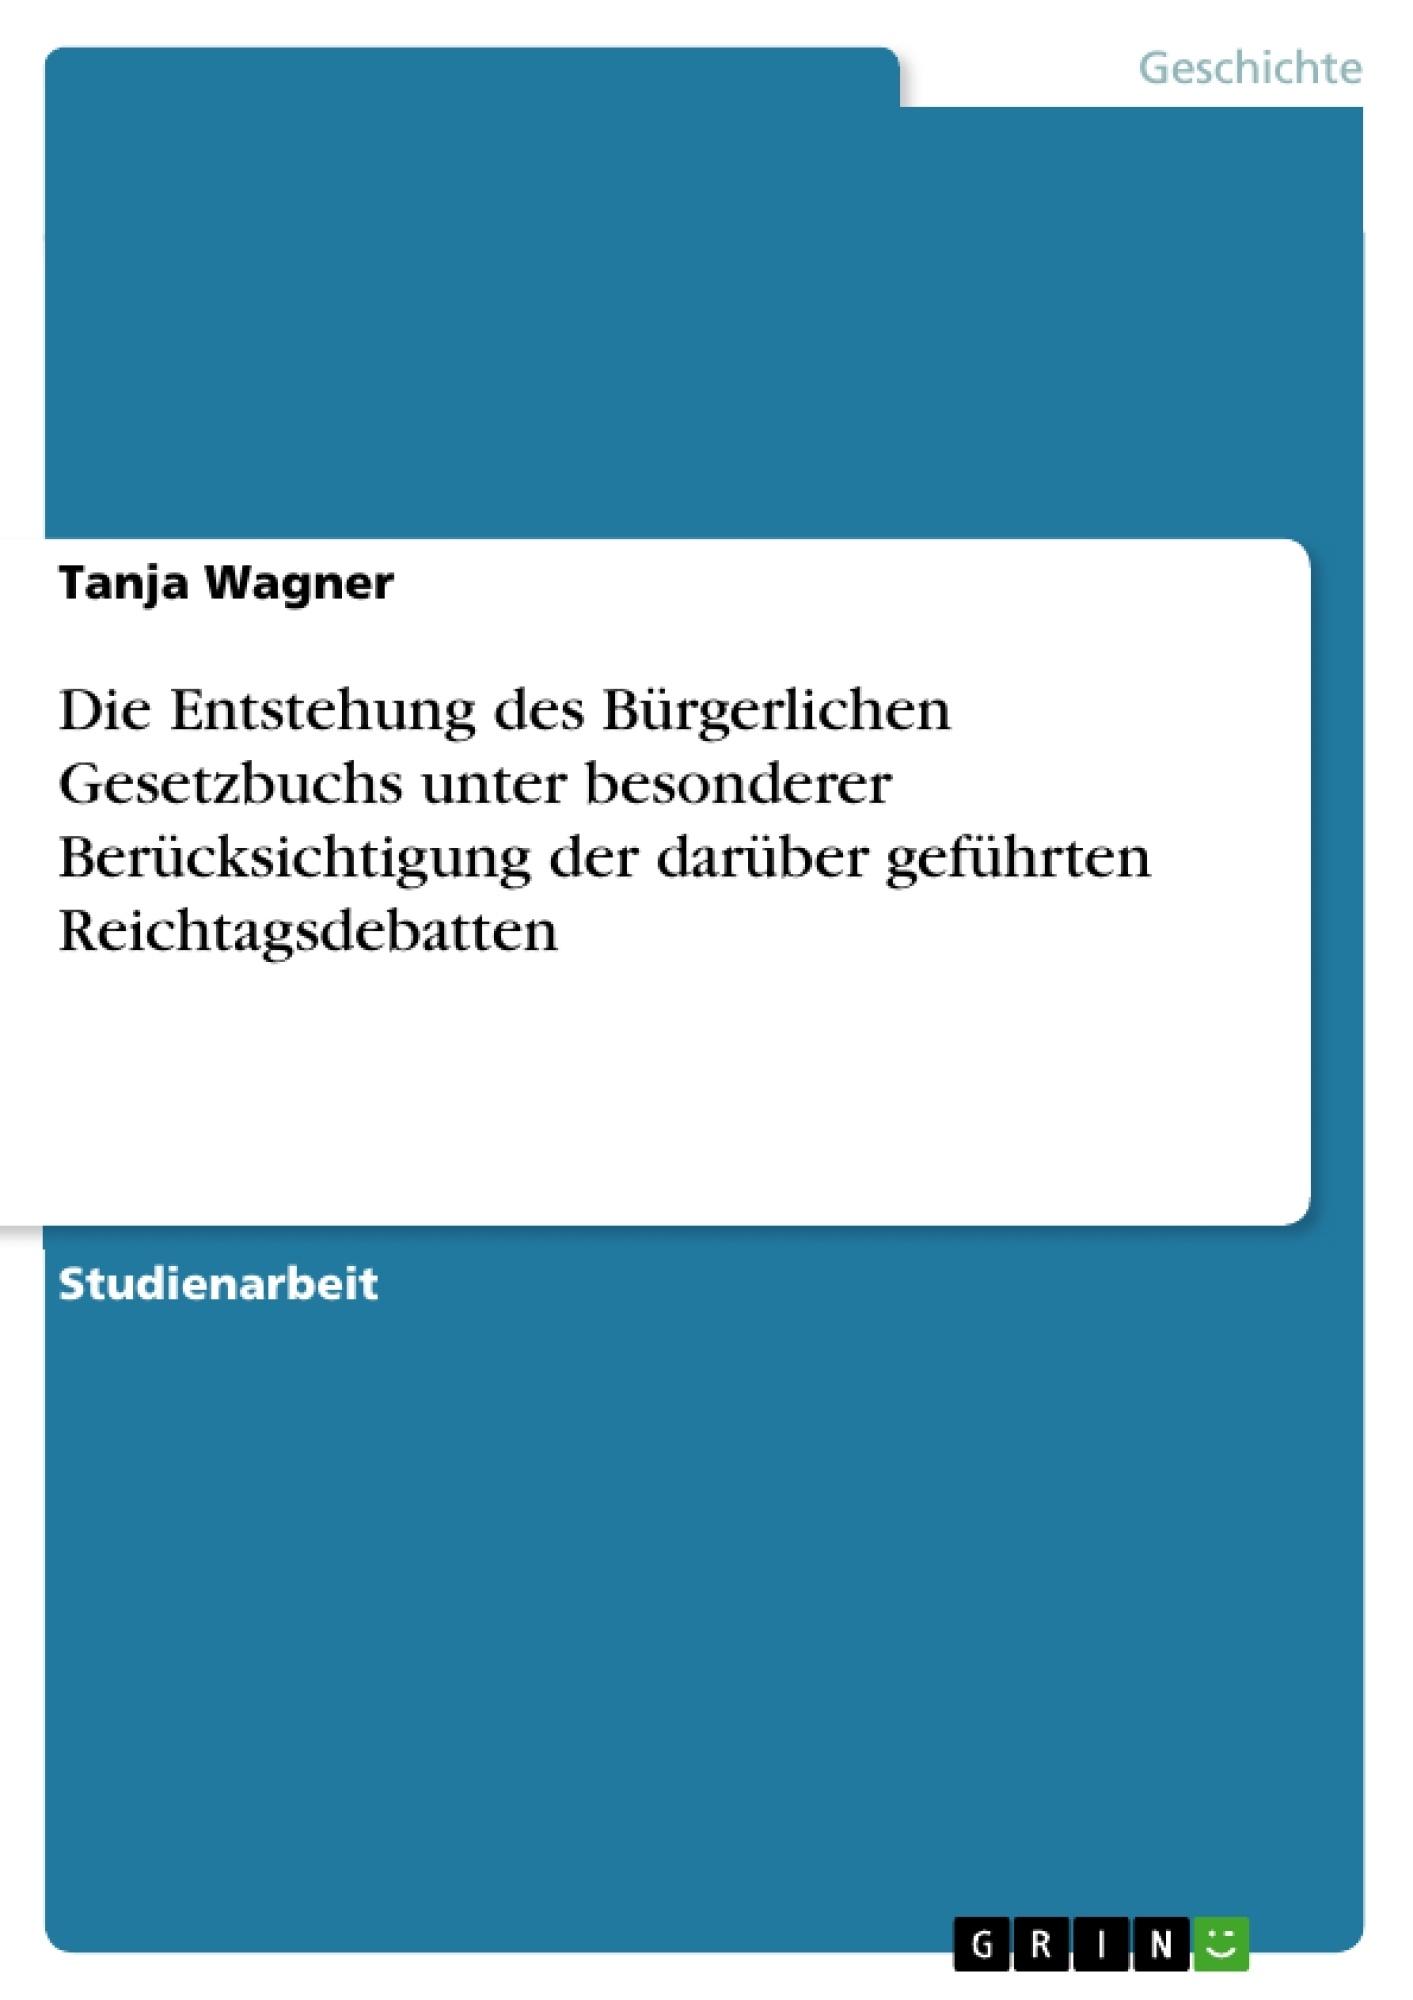 Titel: Die Entstehung des Bürgerlichen Gesetzbuchs unter besonderer Berücksichtigung der darüber geführten Reichtagsdebatten